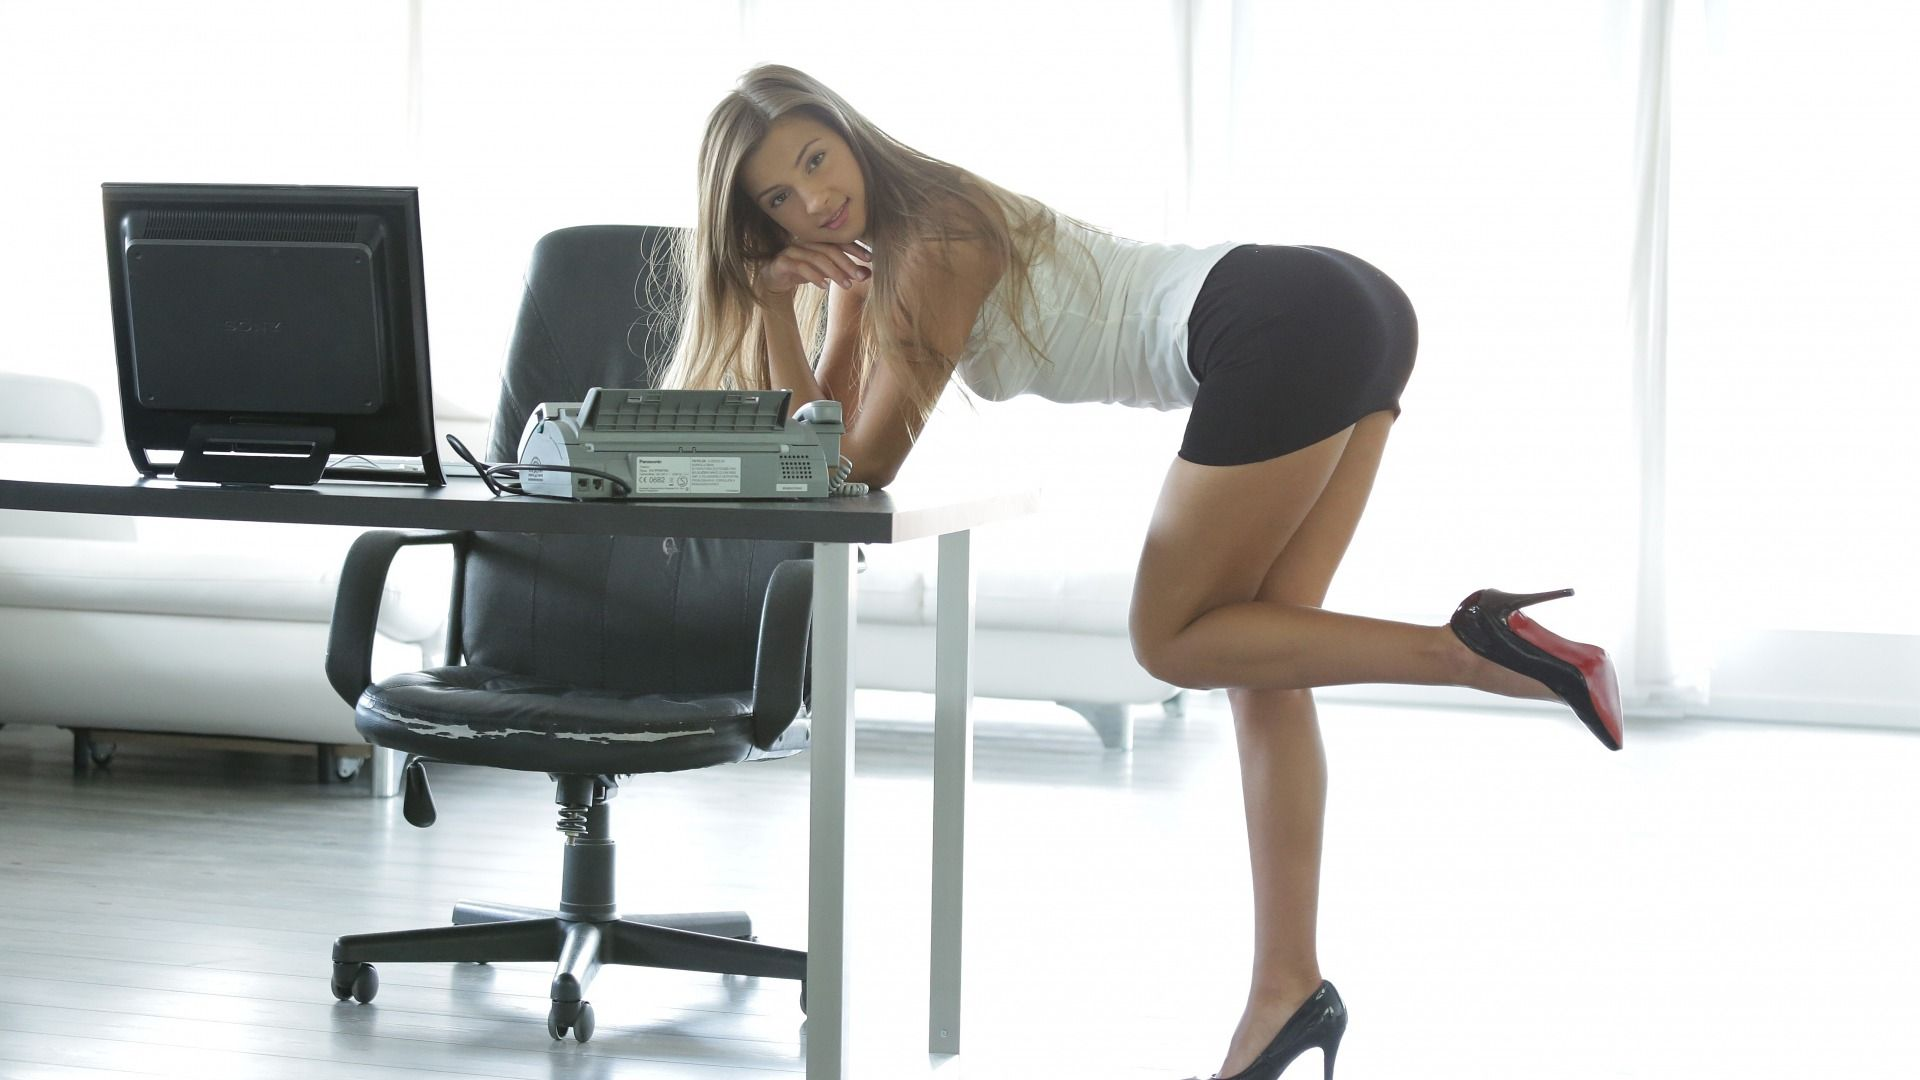 Девушки в офисе в юбке, русский эротический видеочат перед вебкамерой смотреть онлайн